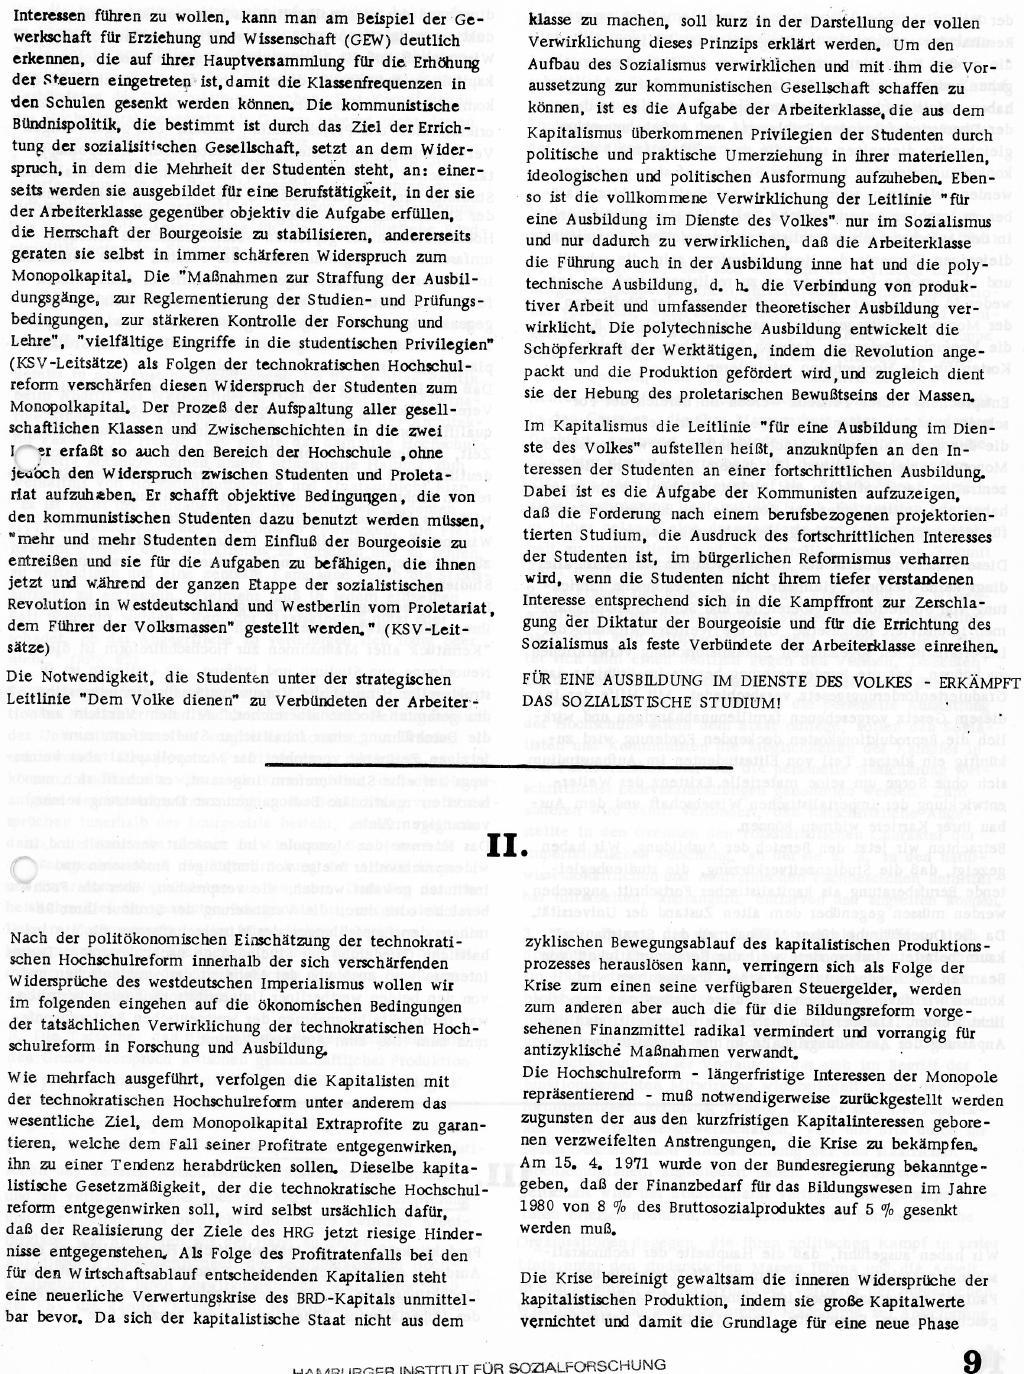 RPK_1971_120_09